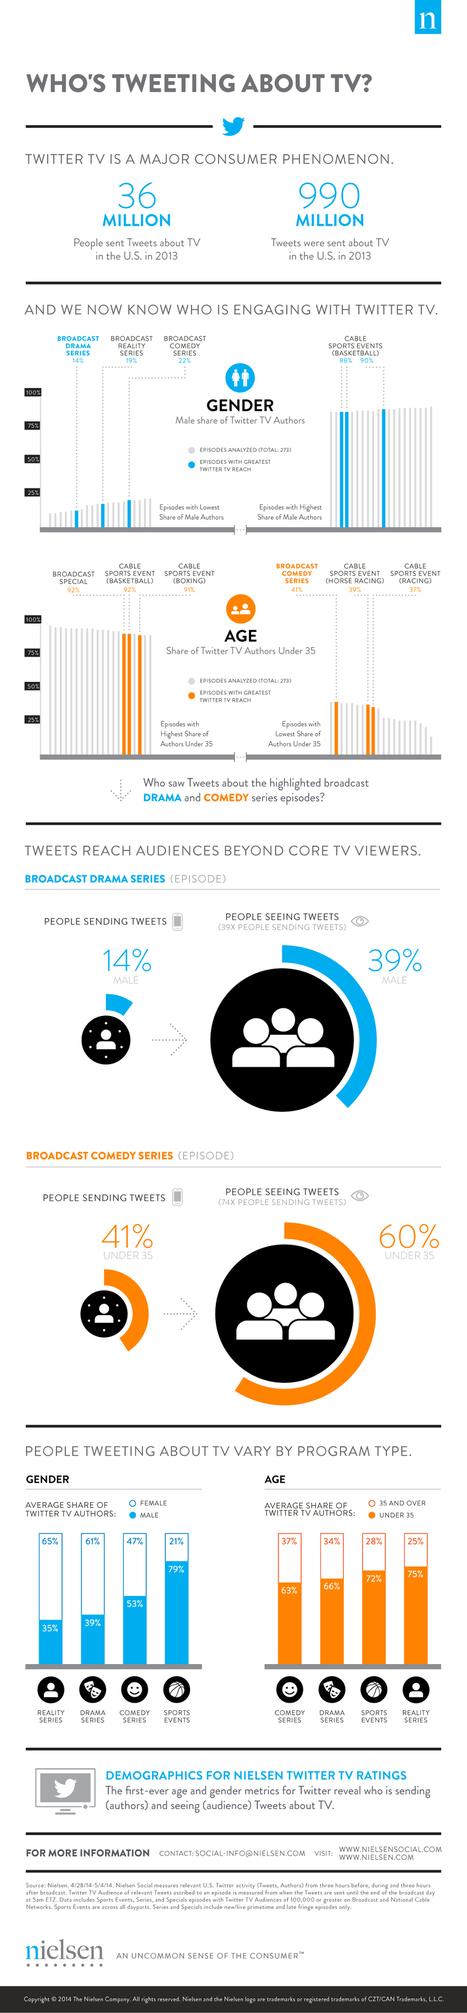 [Infographie] Les profils de la Social TV aux Etats-Unis en 2014 selon Nielsen - Inside my Web | Big Media (En & Fr) | Scoop.it